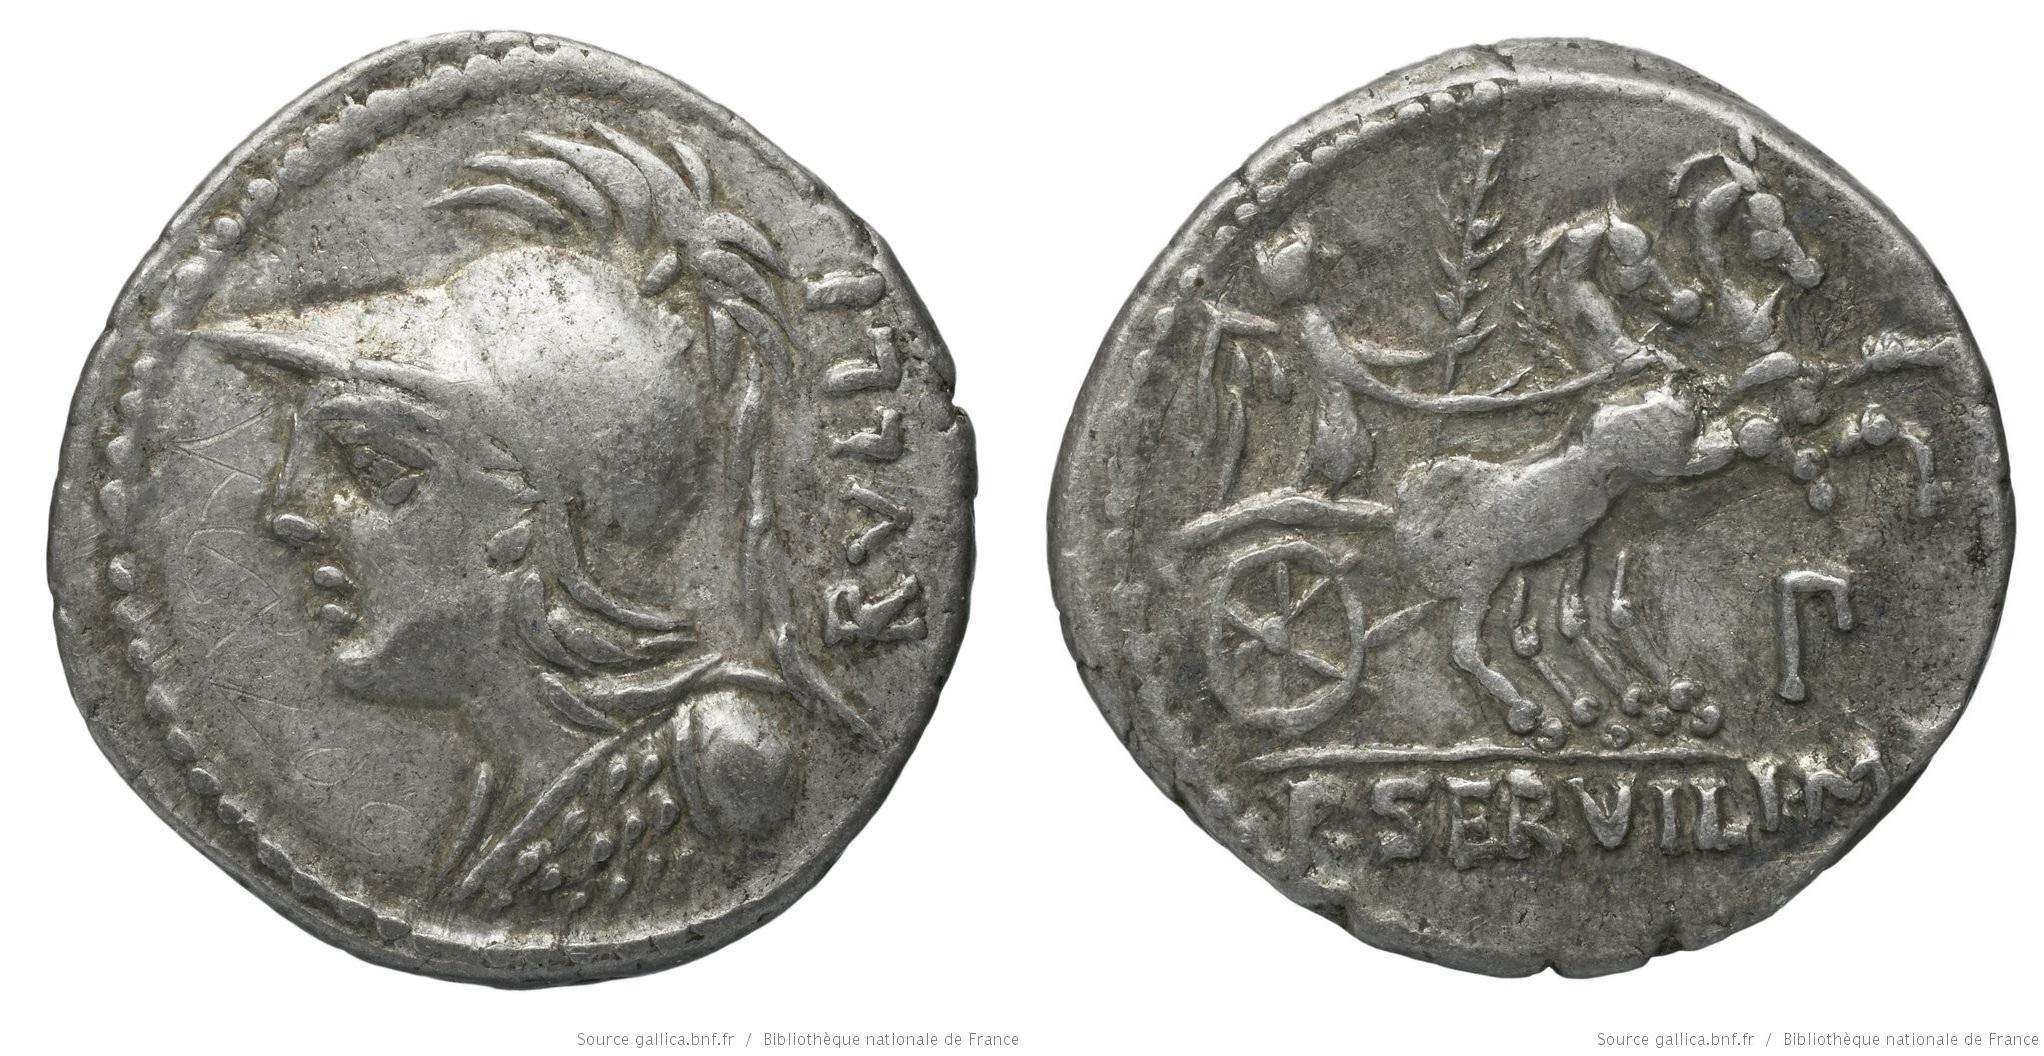 1163SE – Denier Servilia – Publius Servilius Rullus